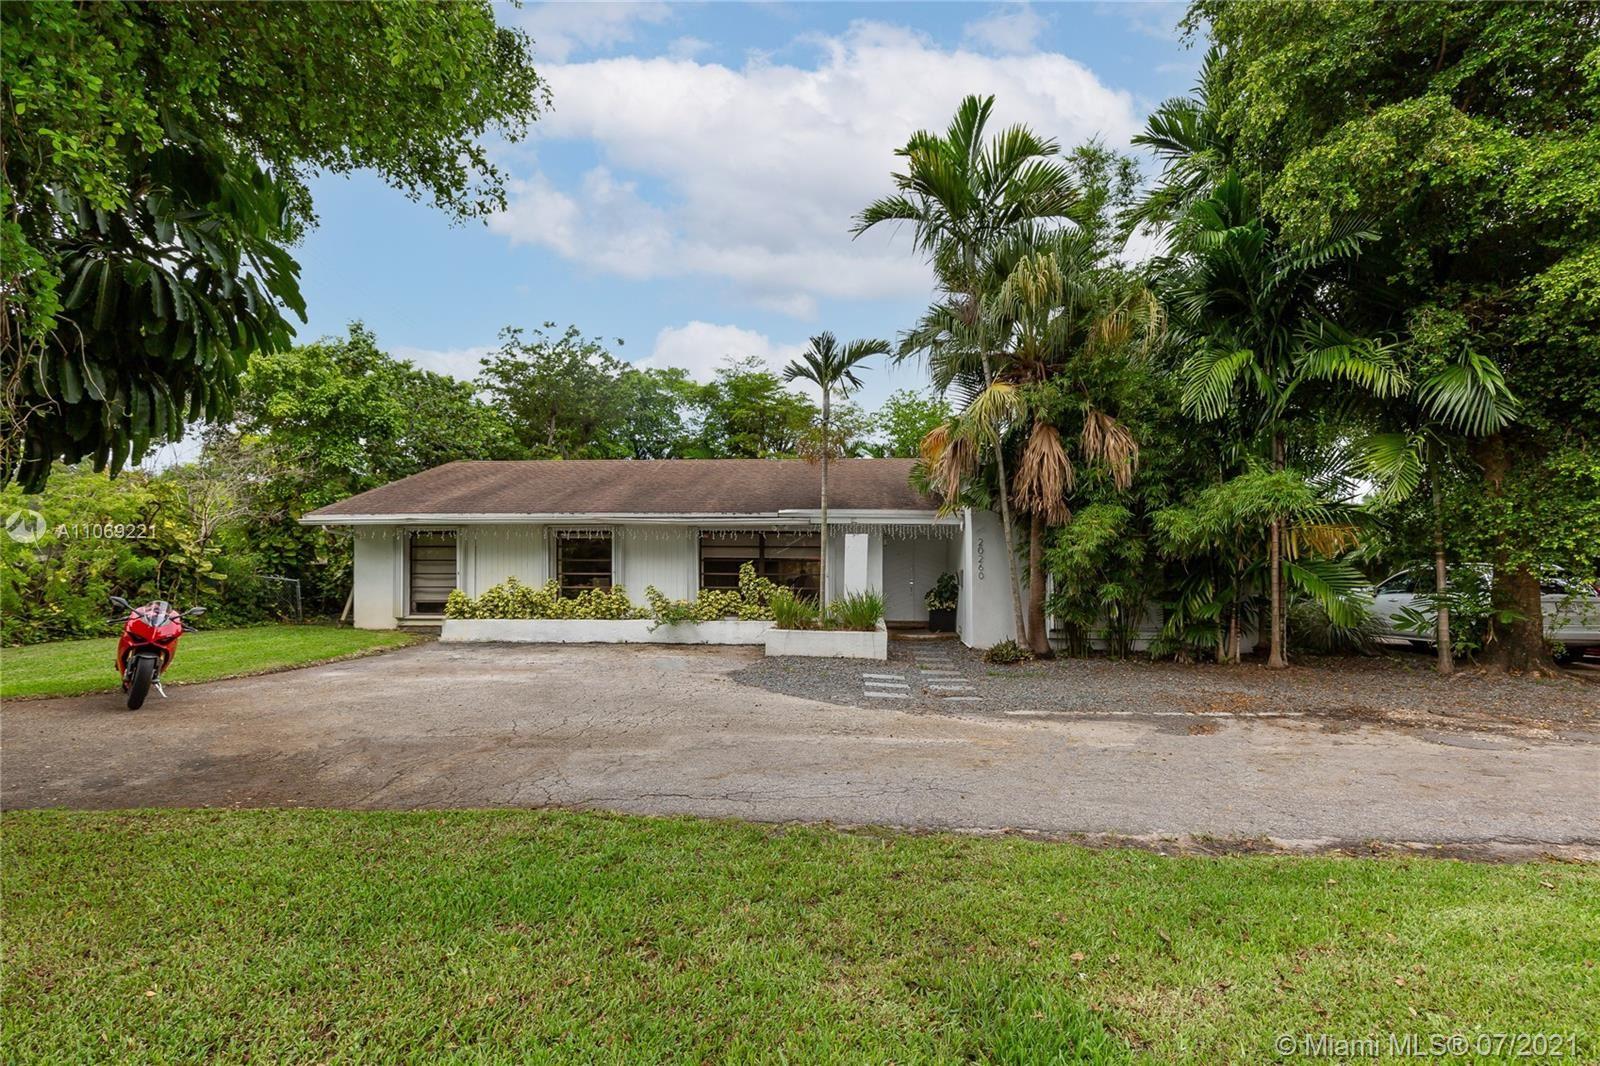 20260 NE 25th Ave, Miami, FL 33180 - #: A11069221